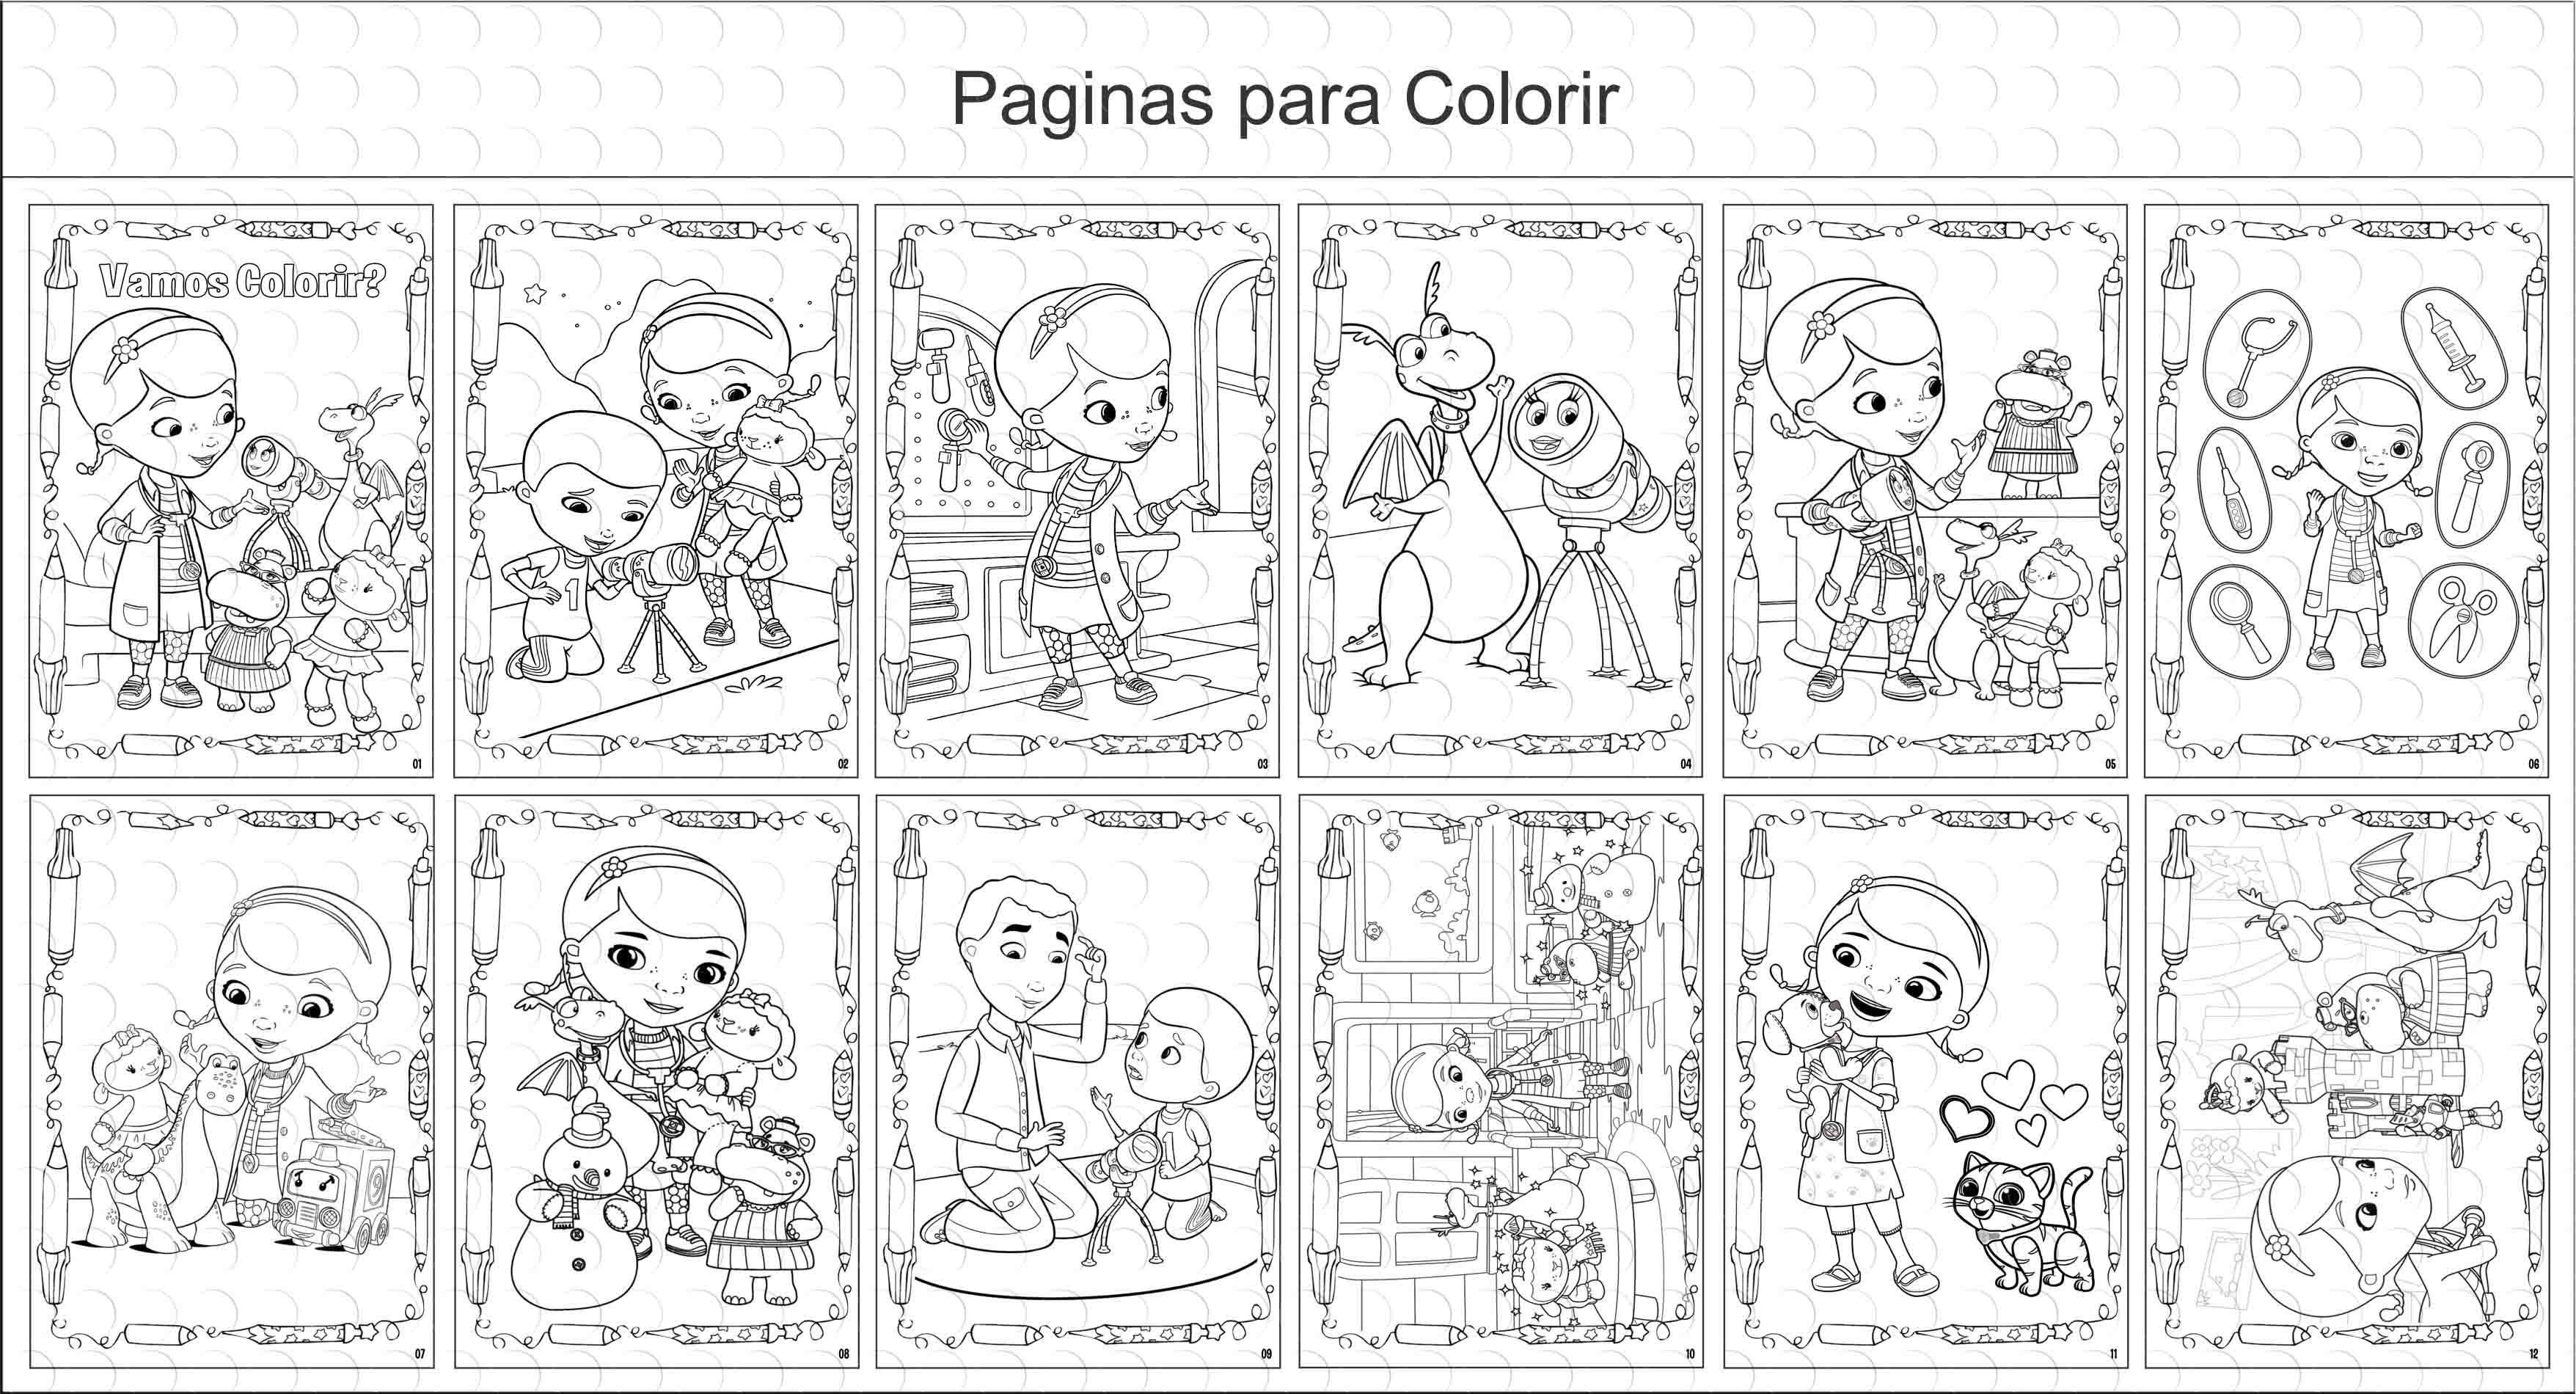 Livro De Colorir Dra Brinquedo 15x21cm No Elo7 G A Personalize